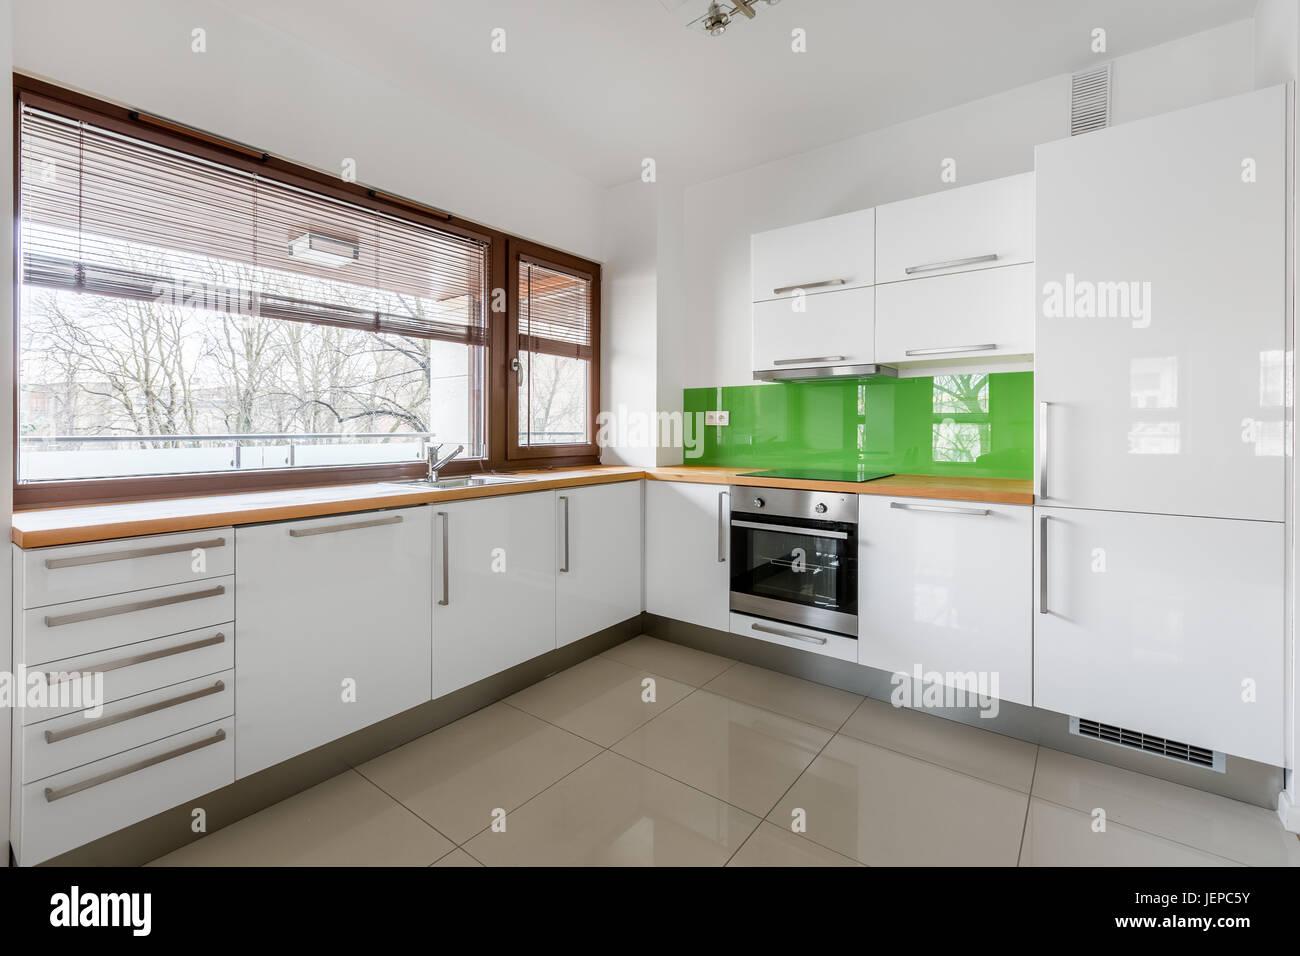 Moderne, Weisse Küche Mit Grünen Backsplash Und Lange Fenster